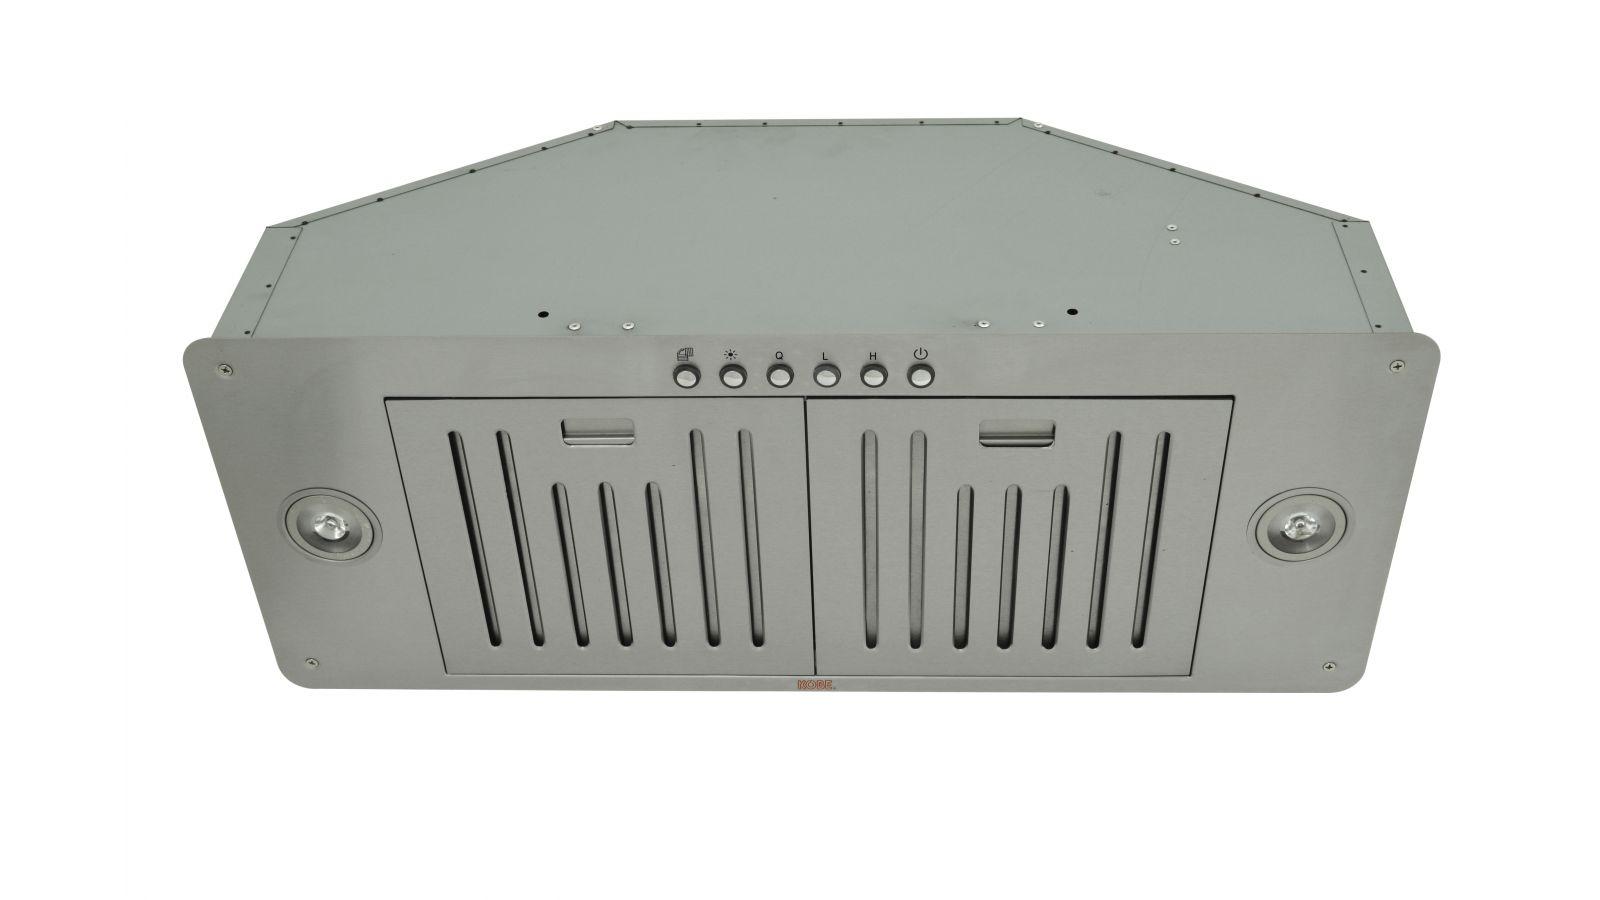 INX-027 Series Built-In Hood (KOBE Range Hoods)